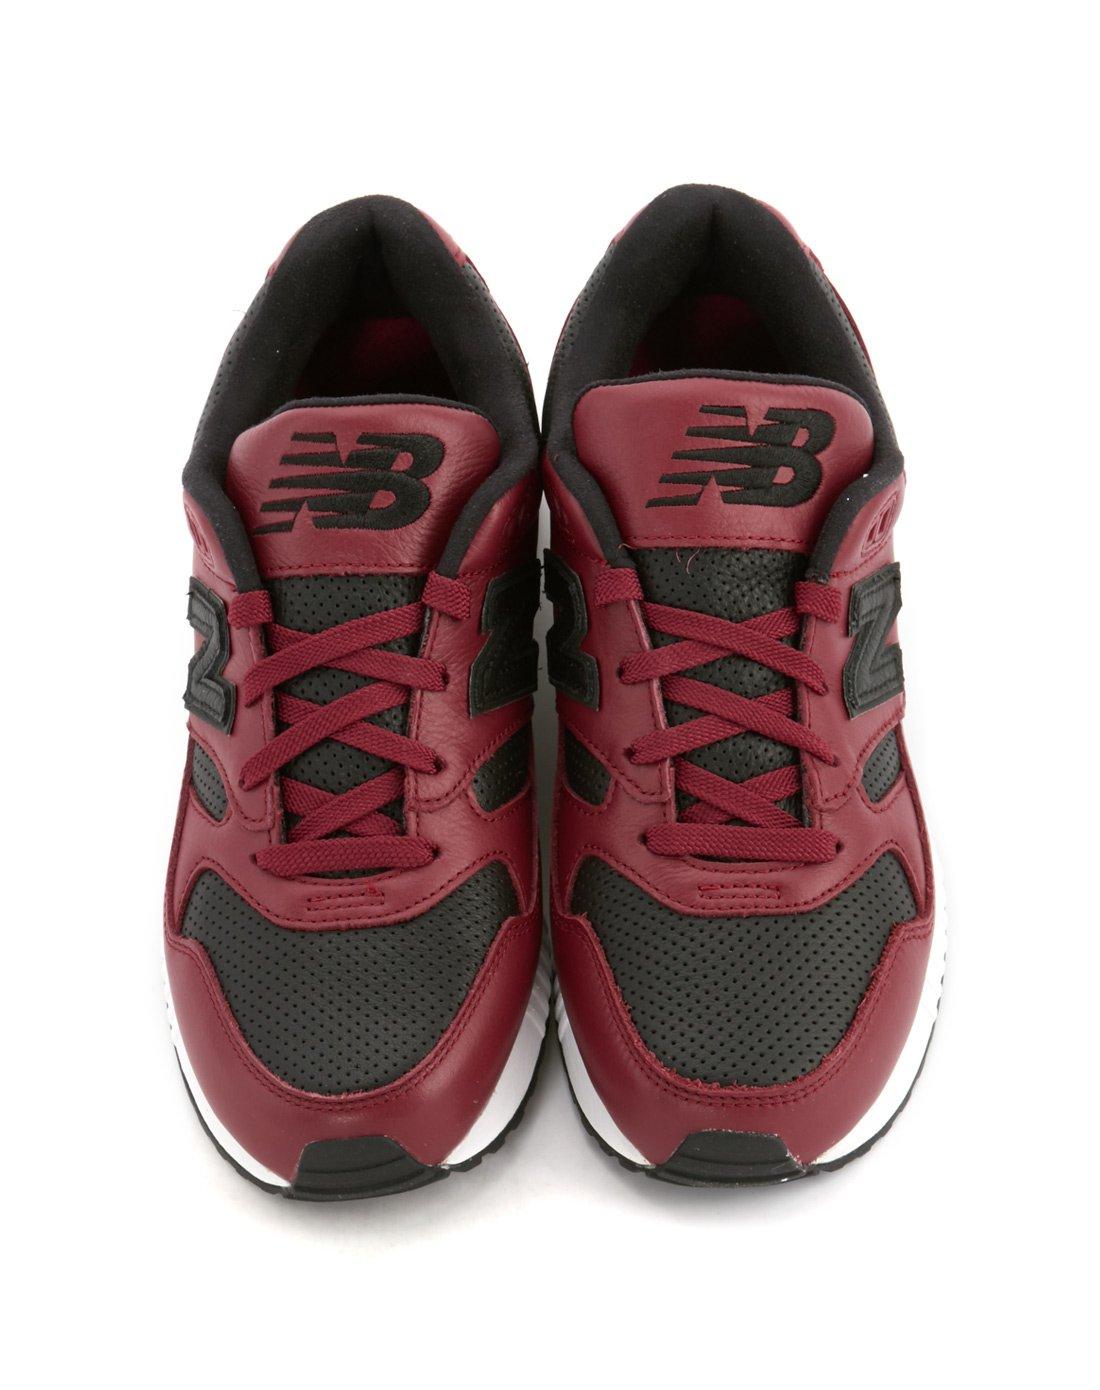 finest selection d76d9 1047c New BalanceNew balance 530系列男款黑红运动鞋M530VTB_唯品会